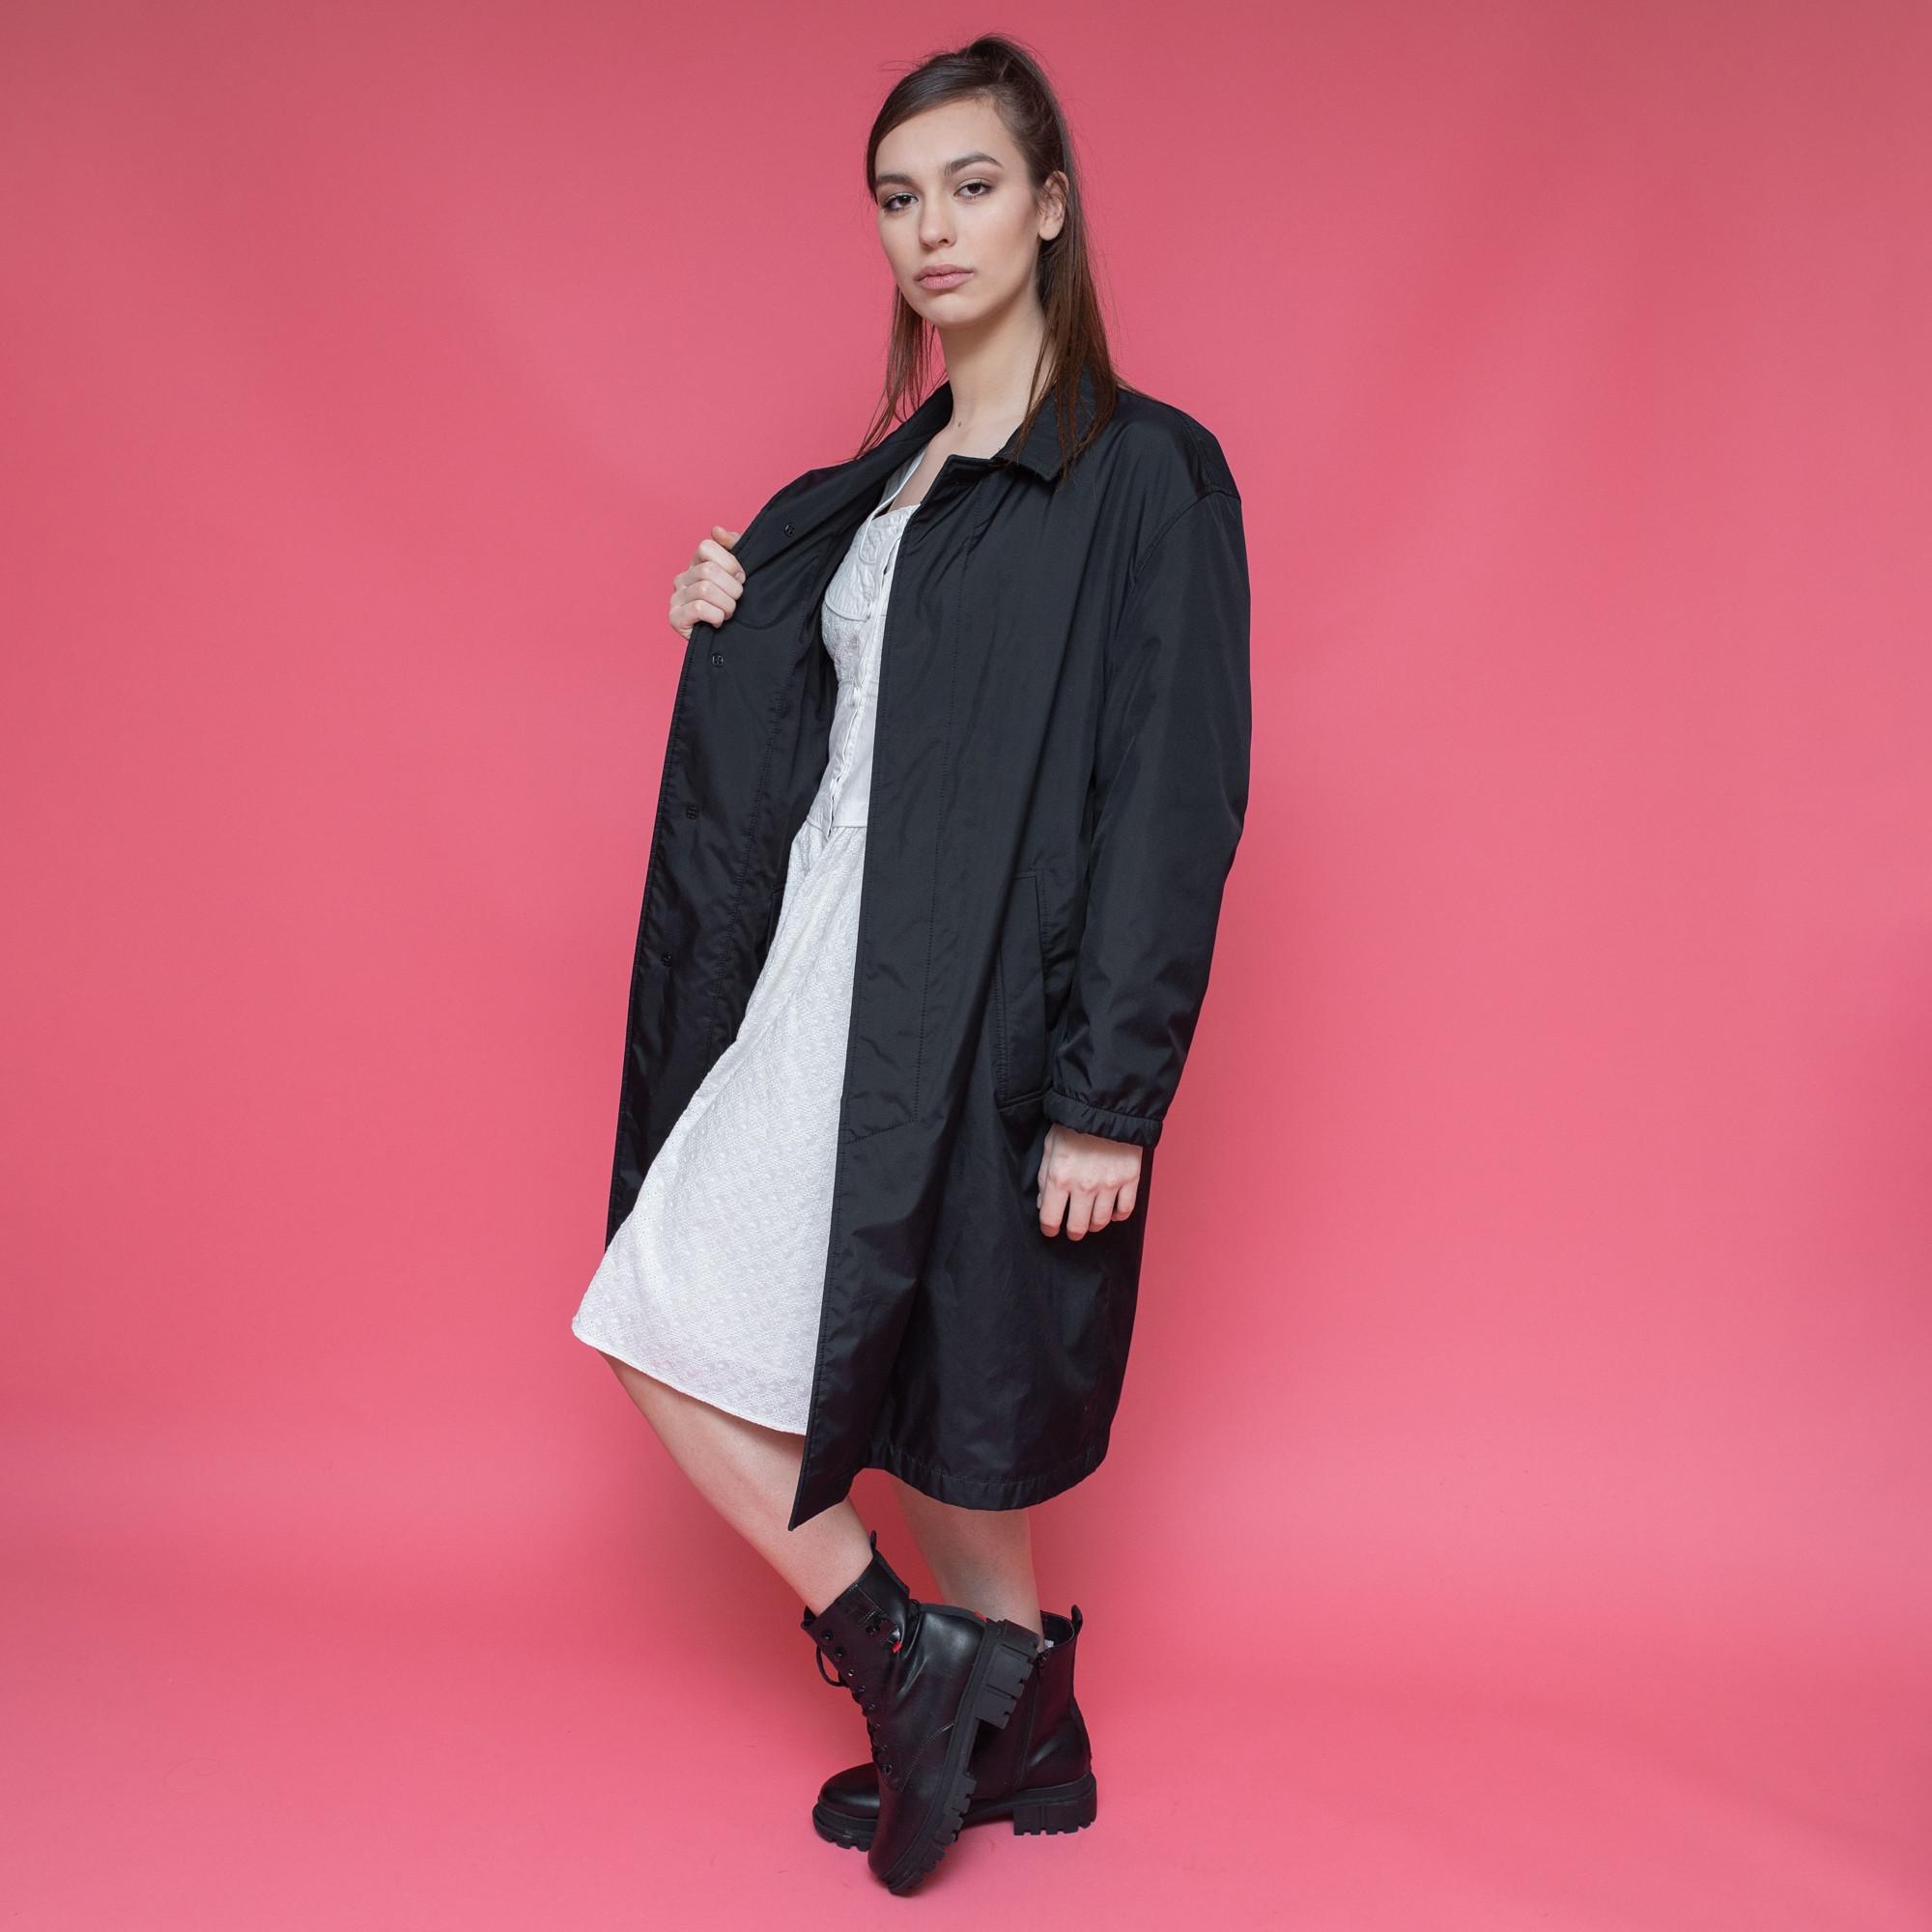 Czarny płaszcz na podszewce St. Michaels - KEX Vintage Store   JestemSlow.pl